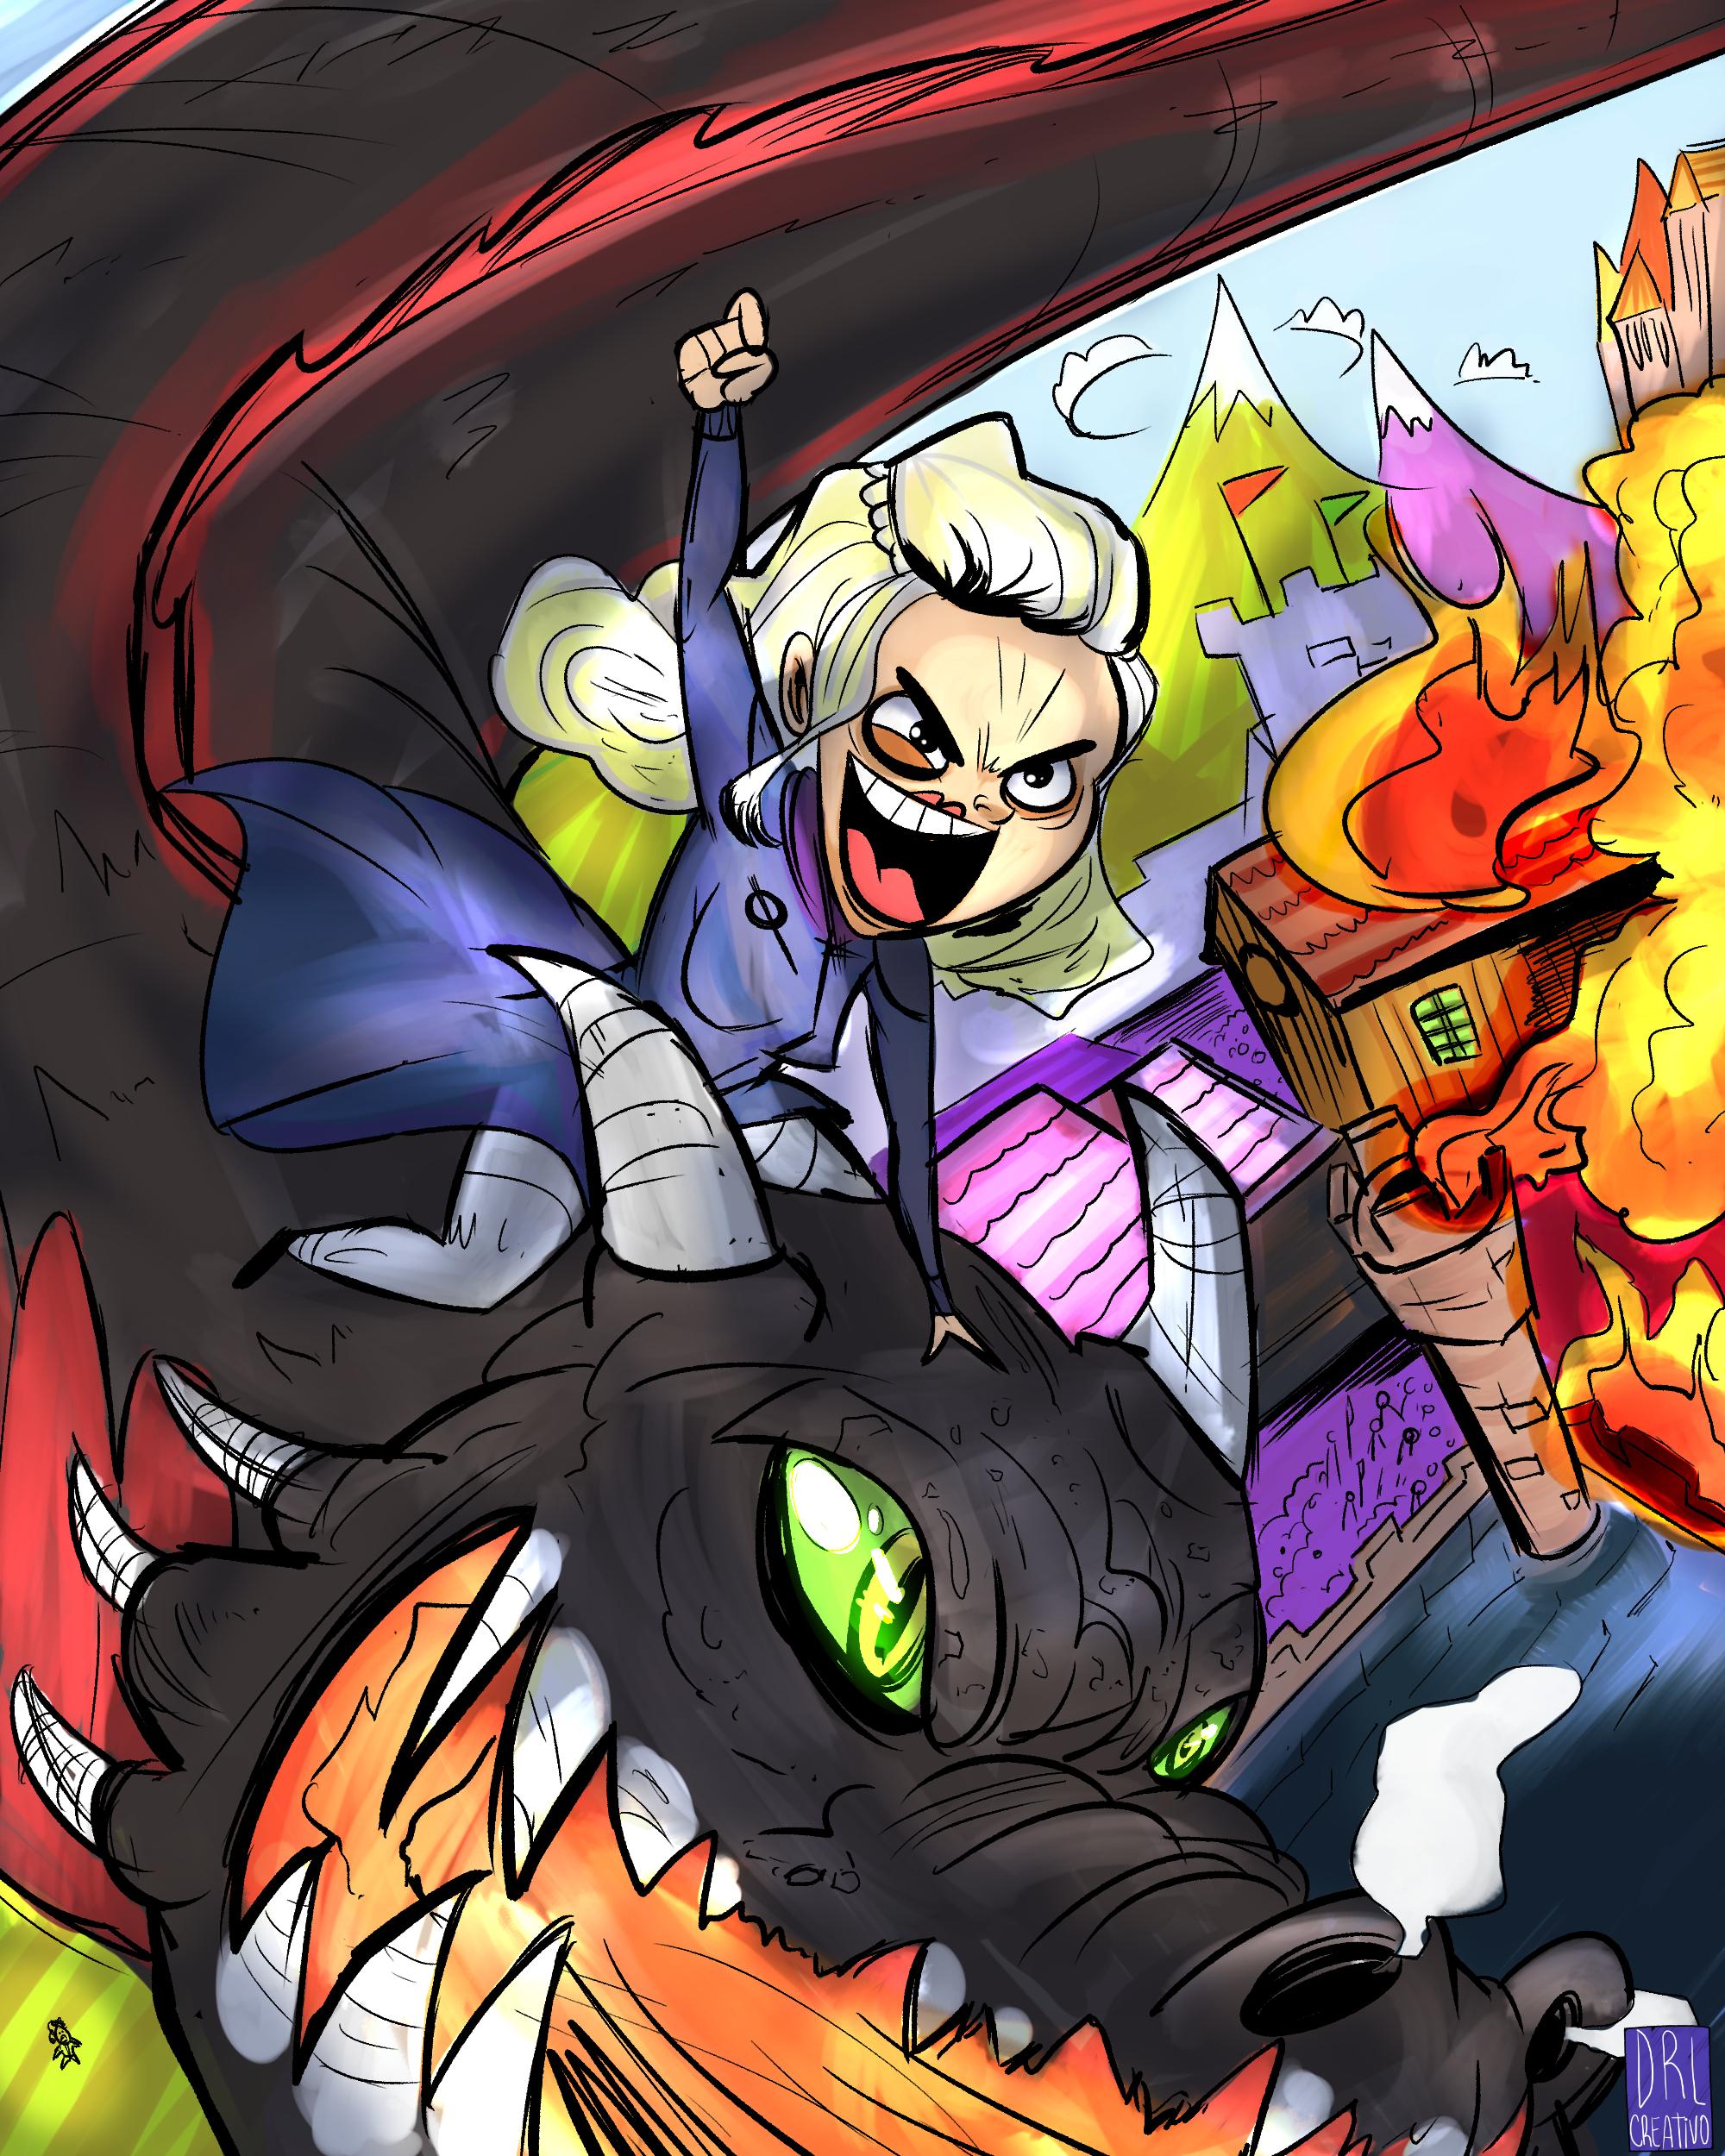 Burning kingdoms FAN ART!